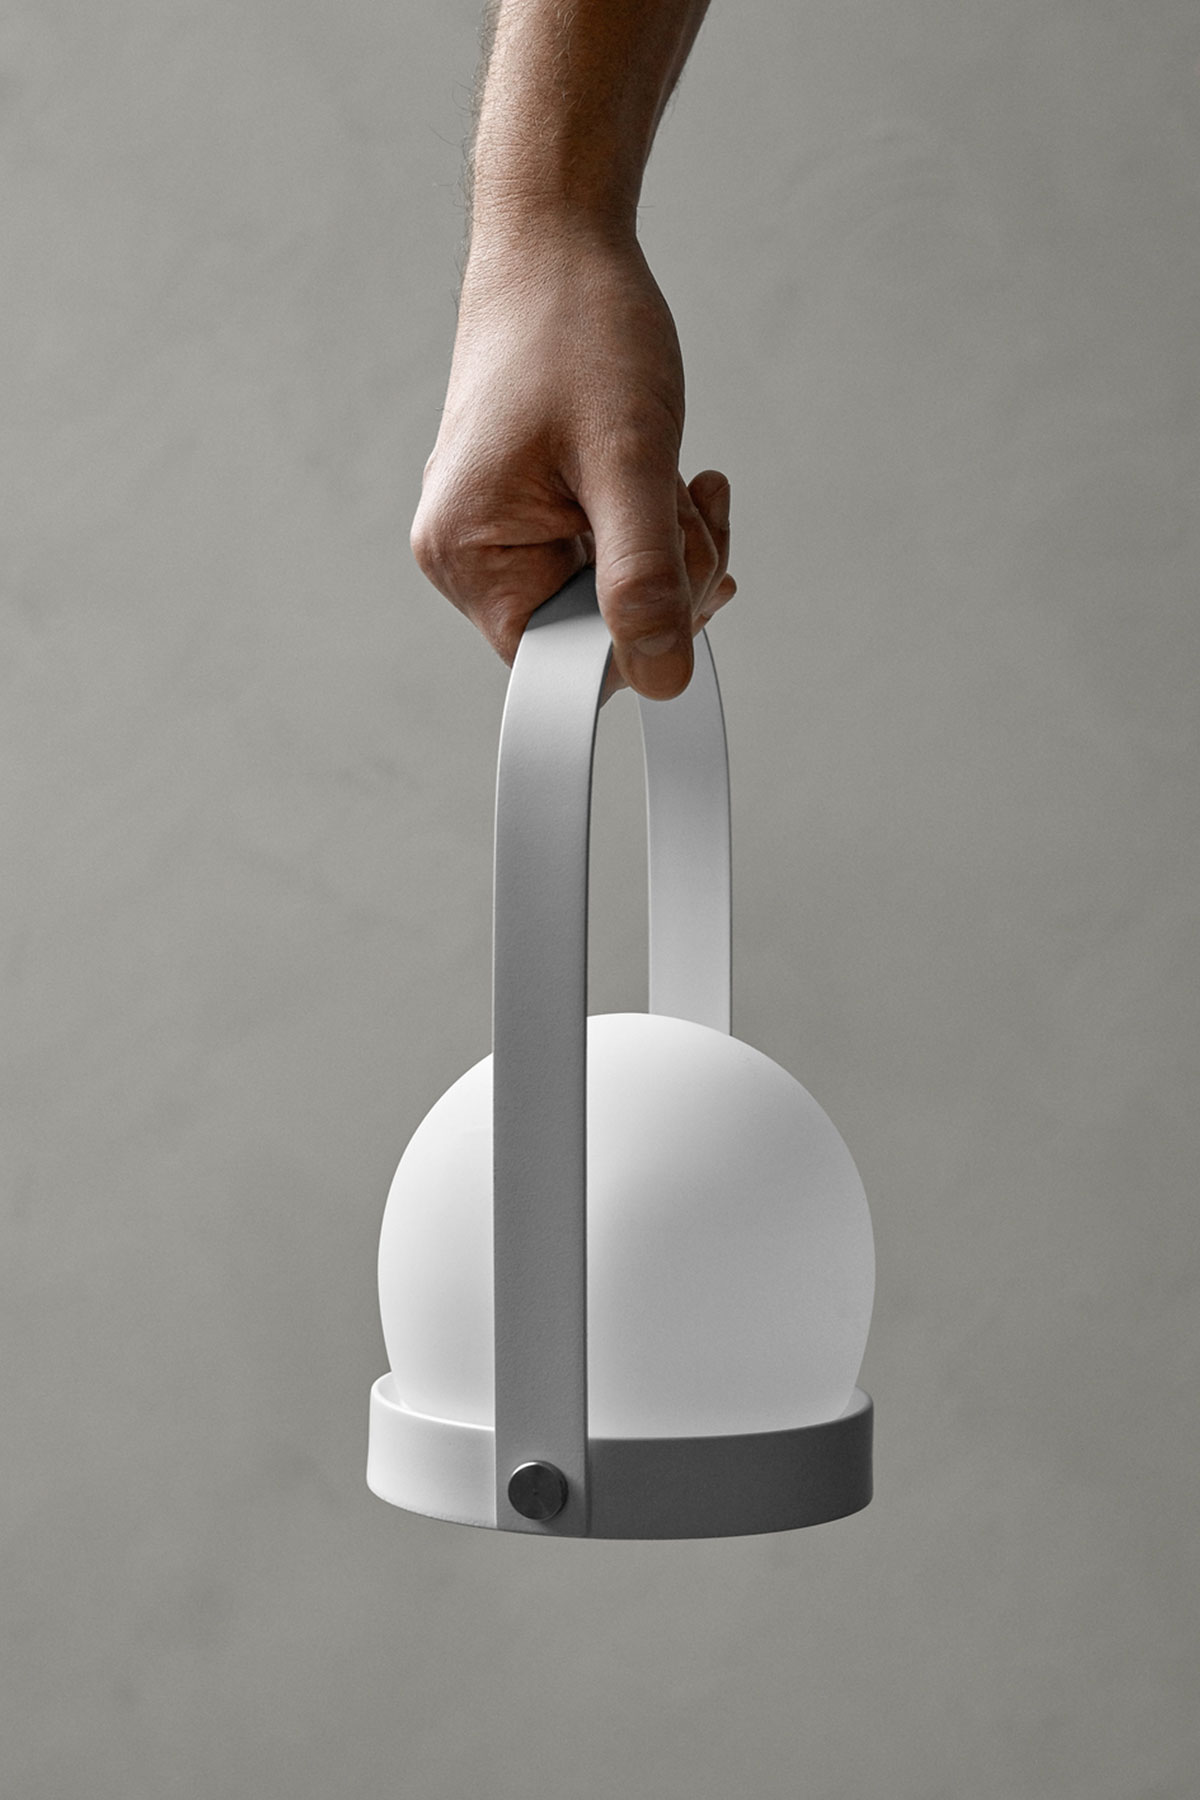 ©-Adam-Robinson-Design-Luumo-Design-04.jpg